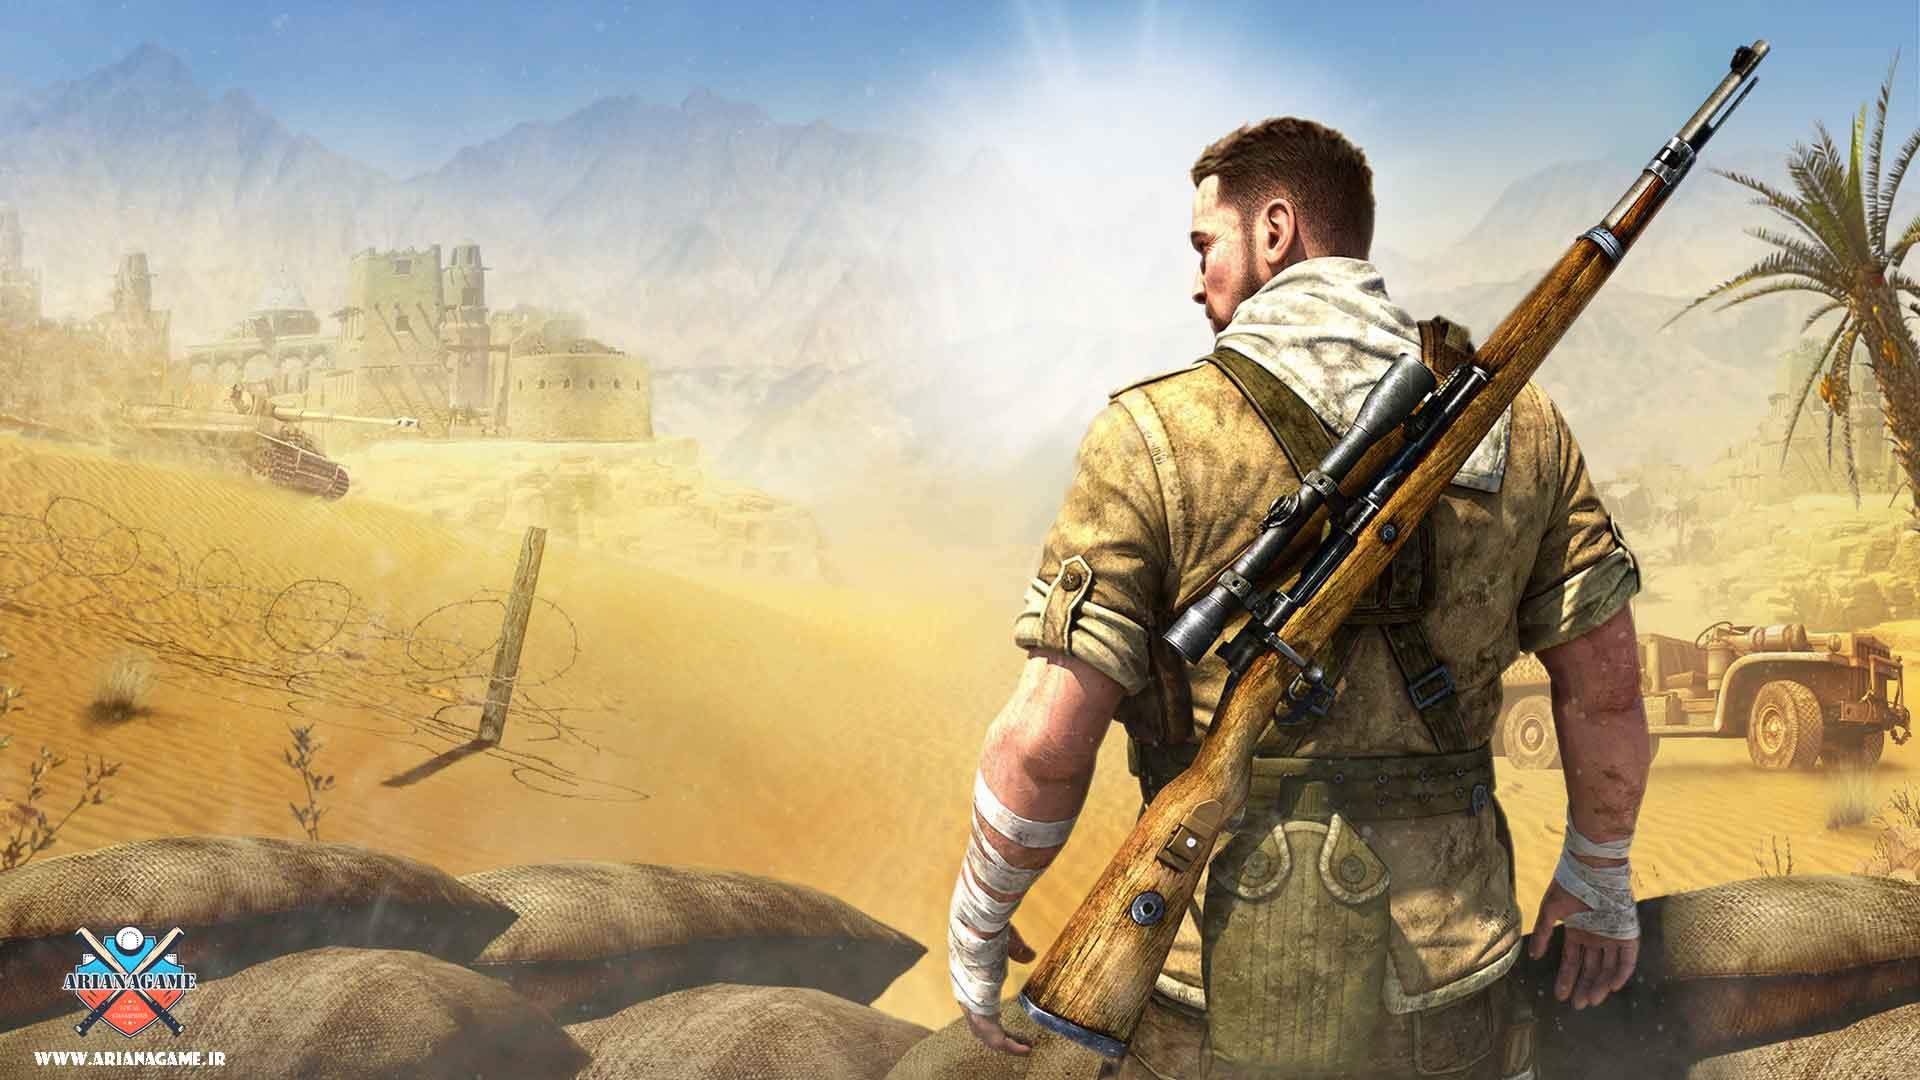 خرید بازی Sniper Elite 3 برای PC